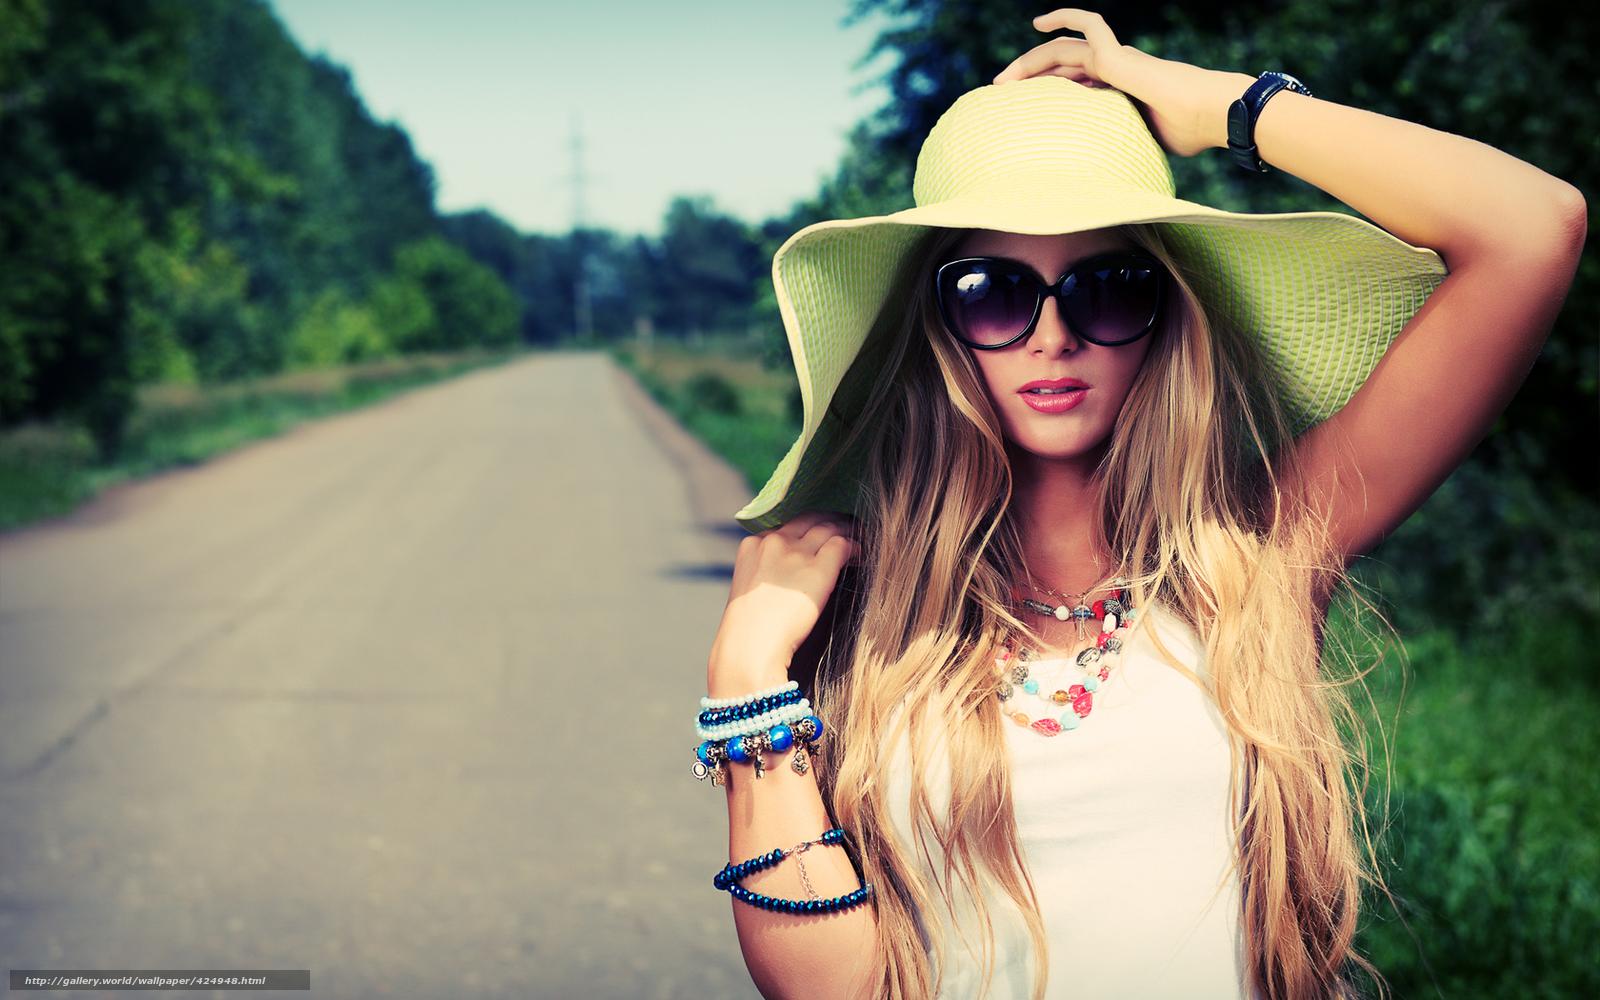 Смотреть бесплатно фото женского очка 22 фотография